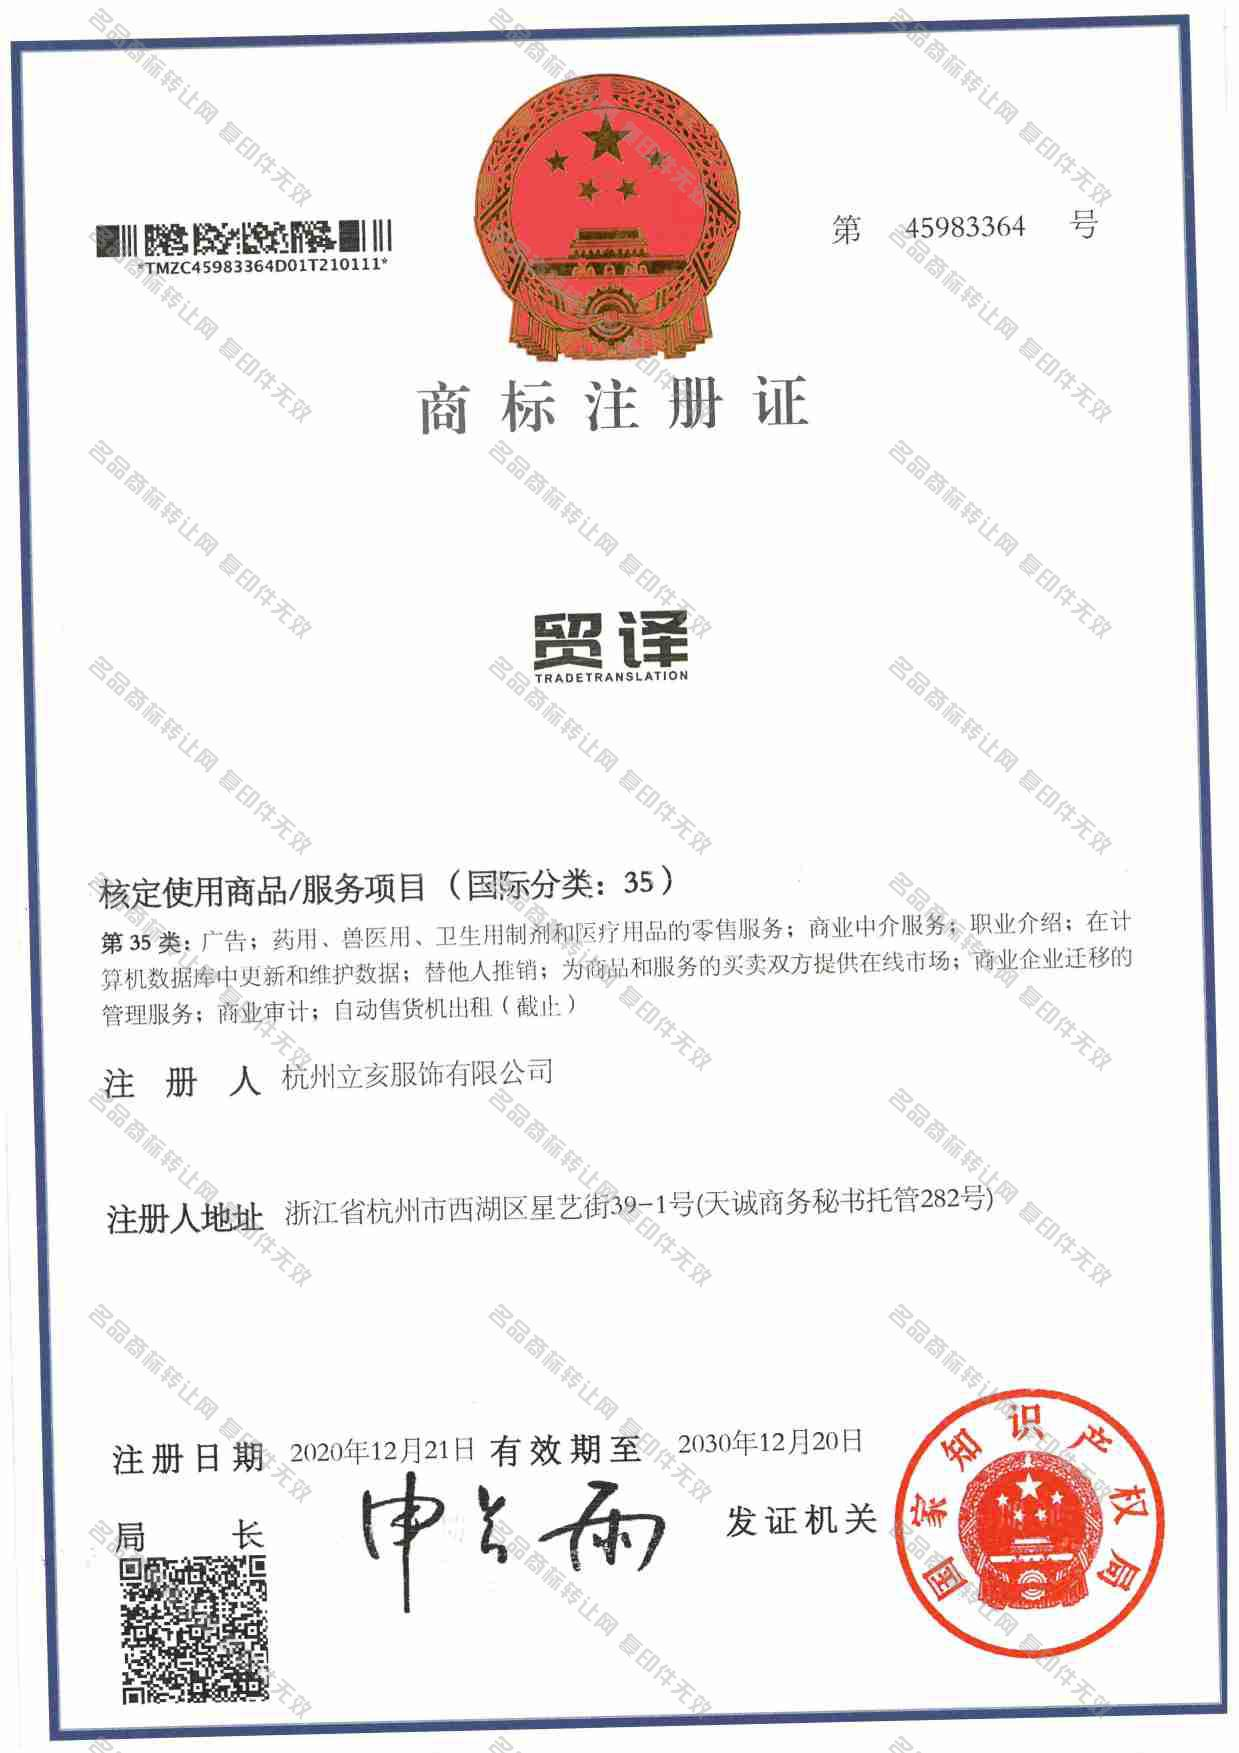 贸译 TRADE TRANSLATION注册证